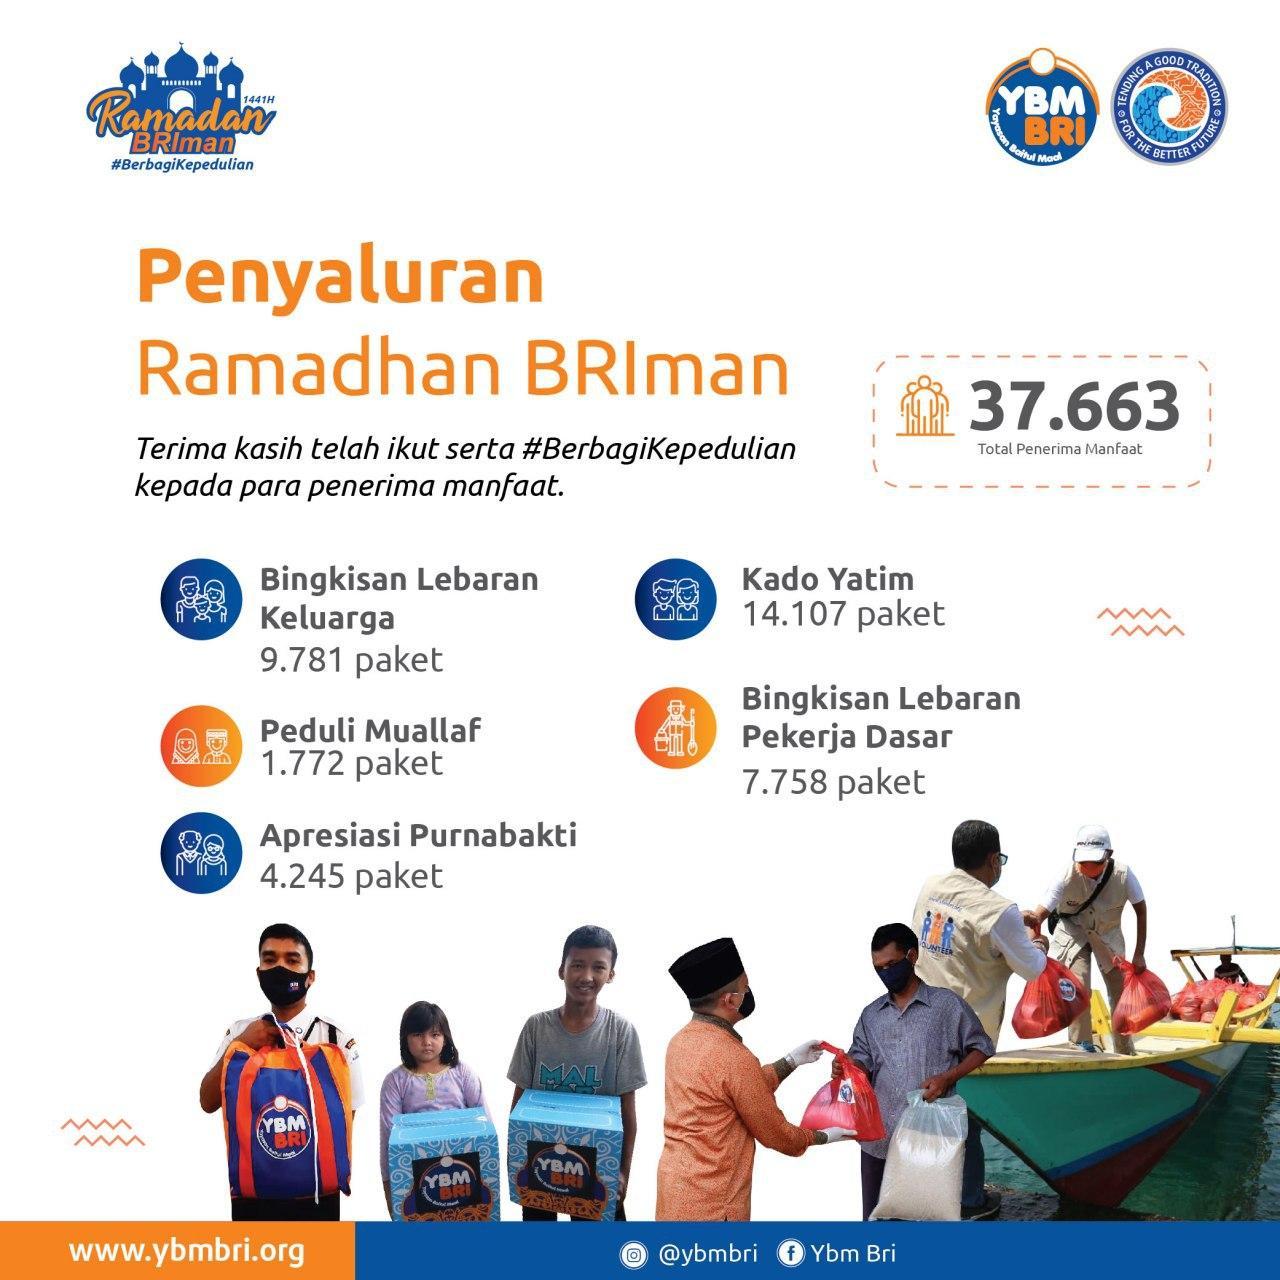 Penyaluran Ramadhan BRIman 1441 H